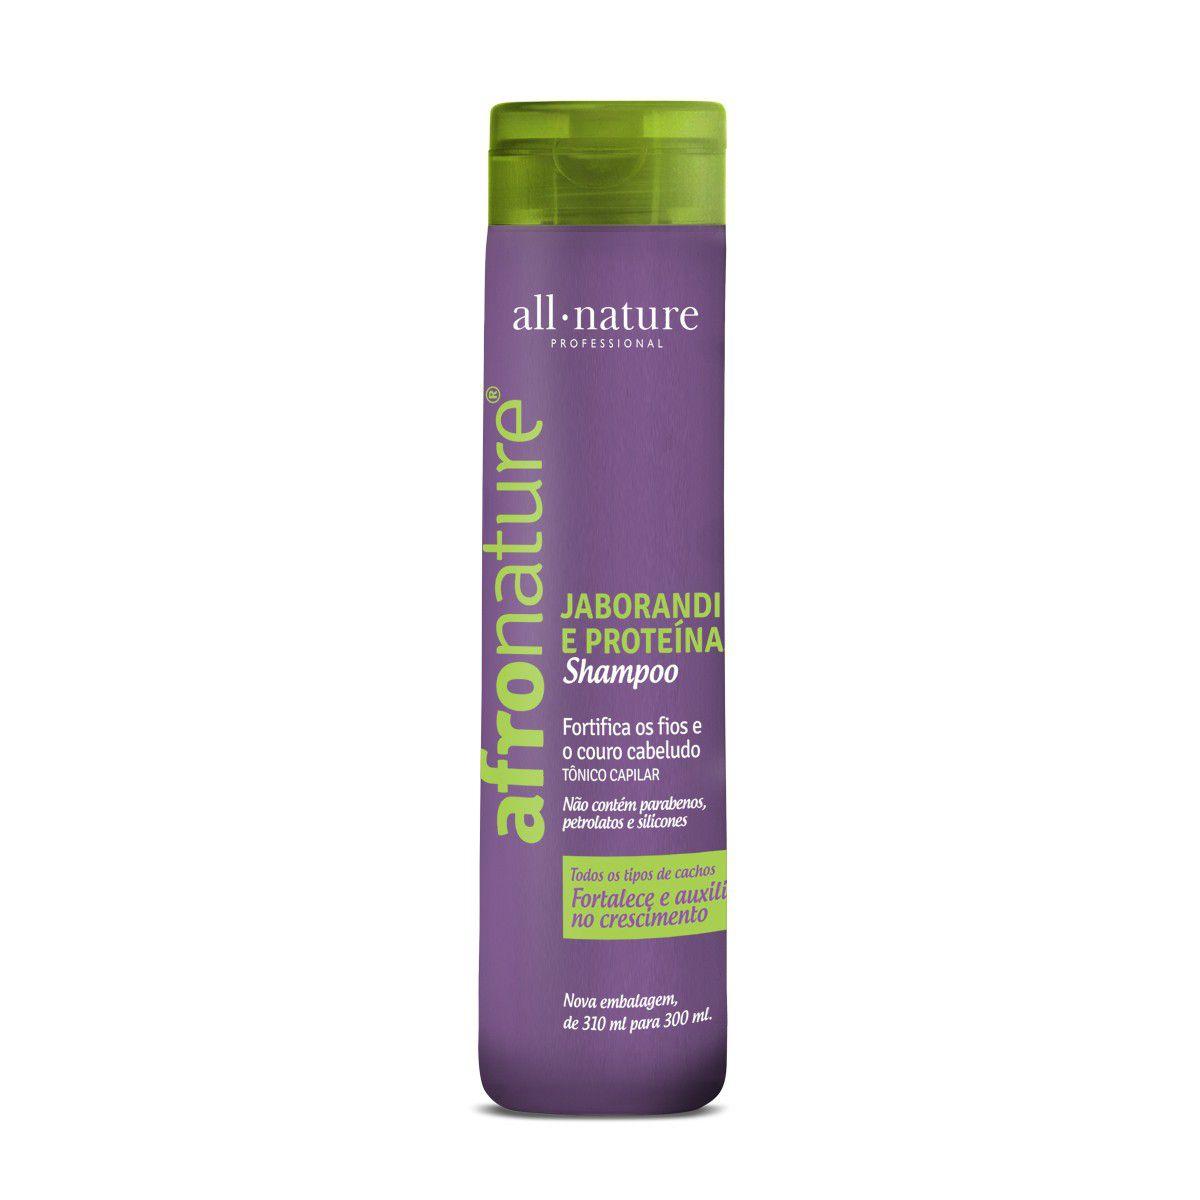 Shampoo de Jaborandi e Proteínas e Condicionador Afro Nature, Combate a Queda e Melhora o Crescimento All Nature - 3 Unidades